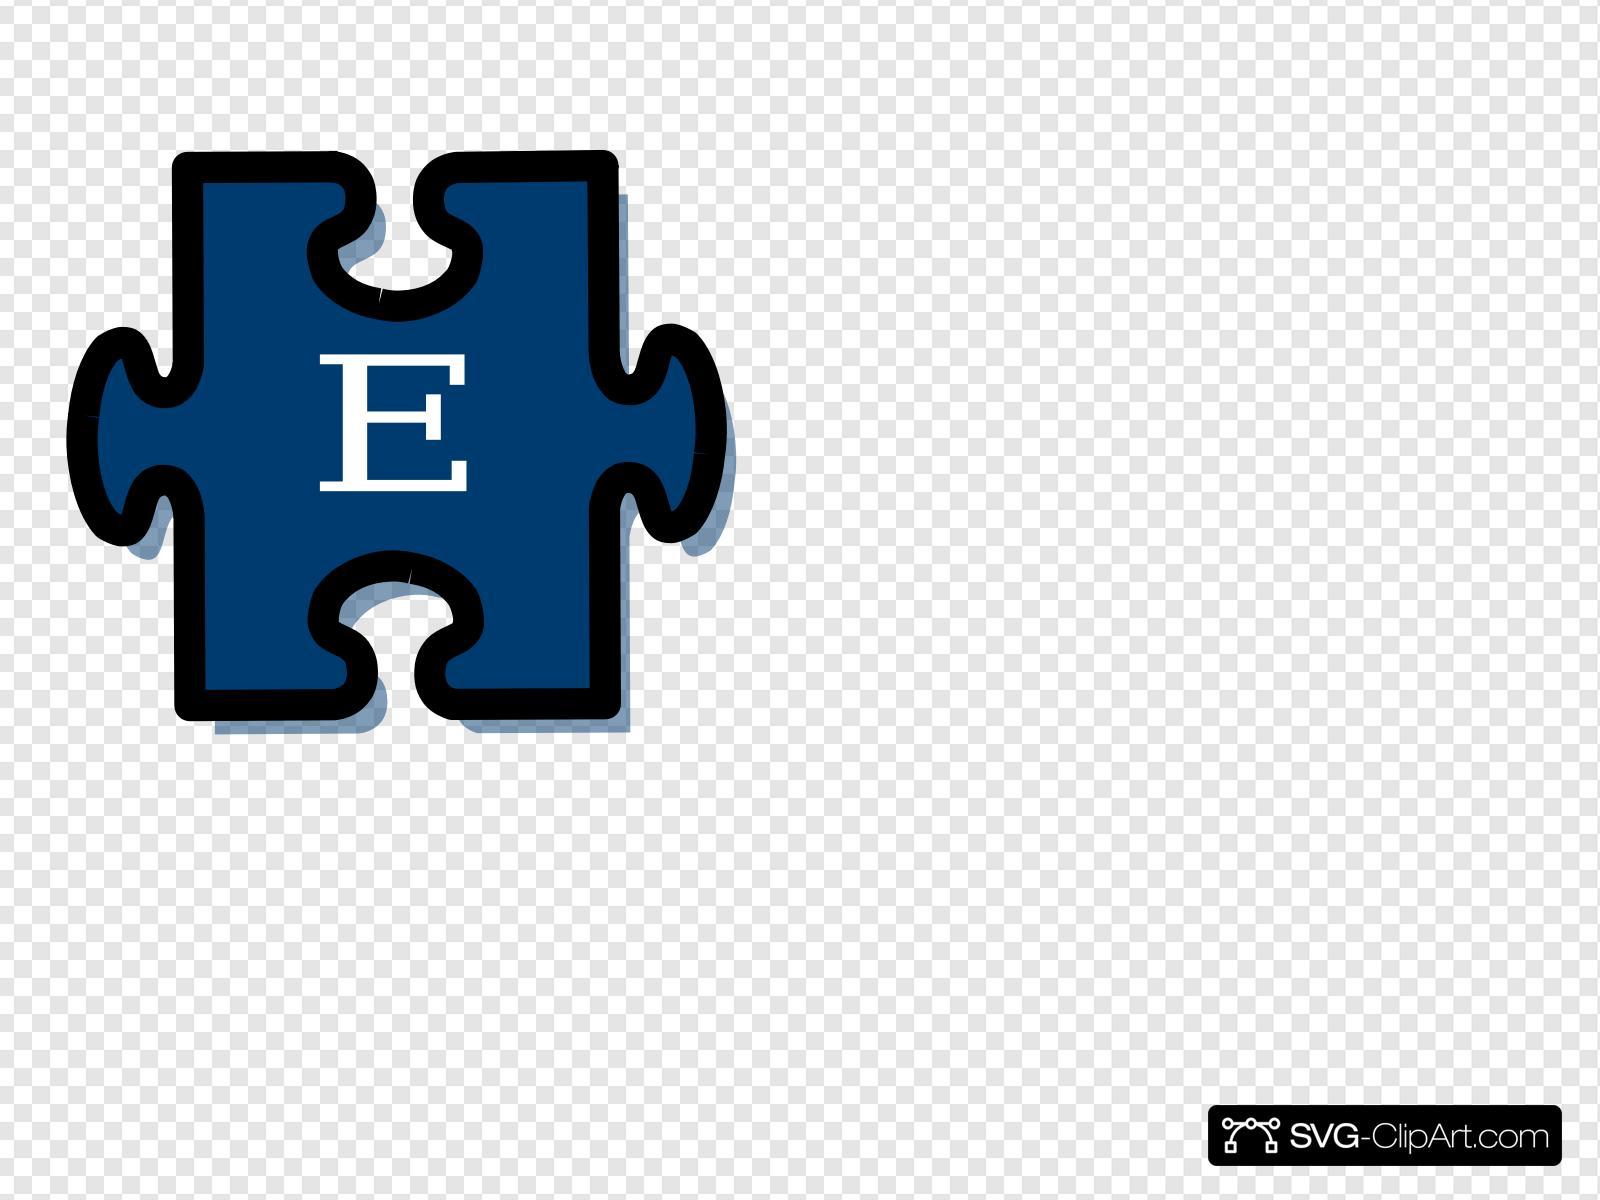 Puzzle E Clip art, Icon and SVG.